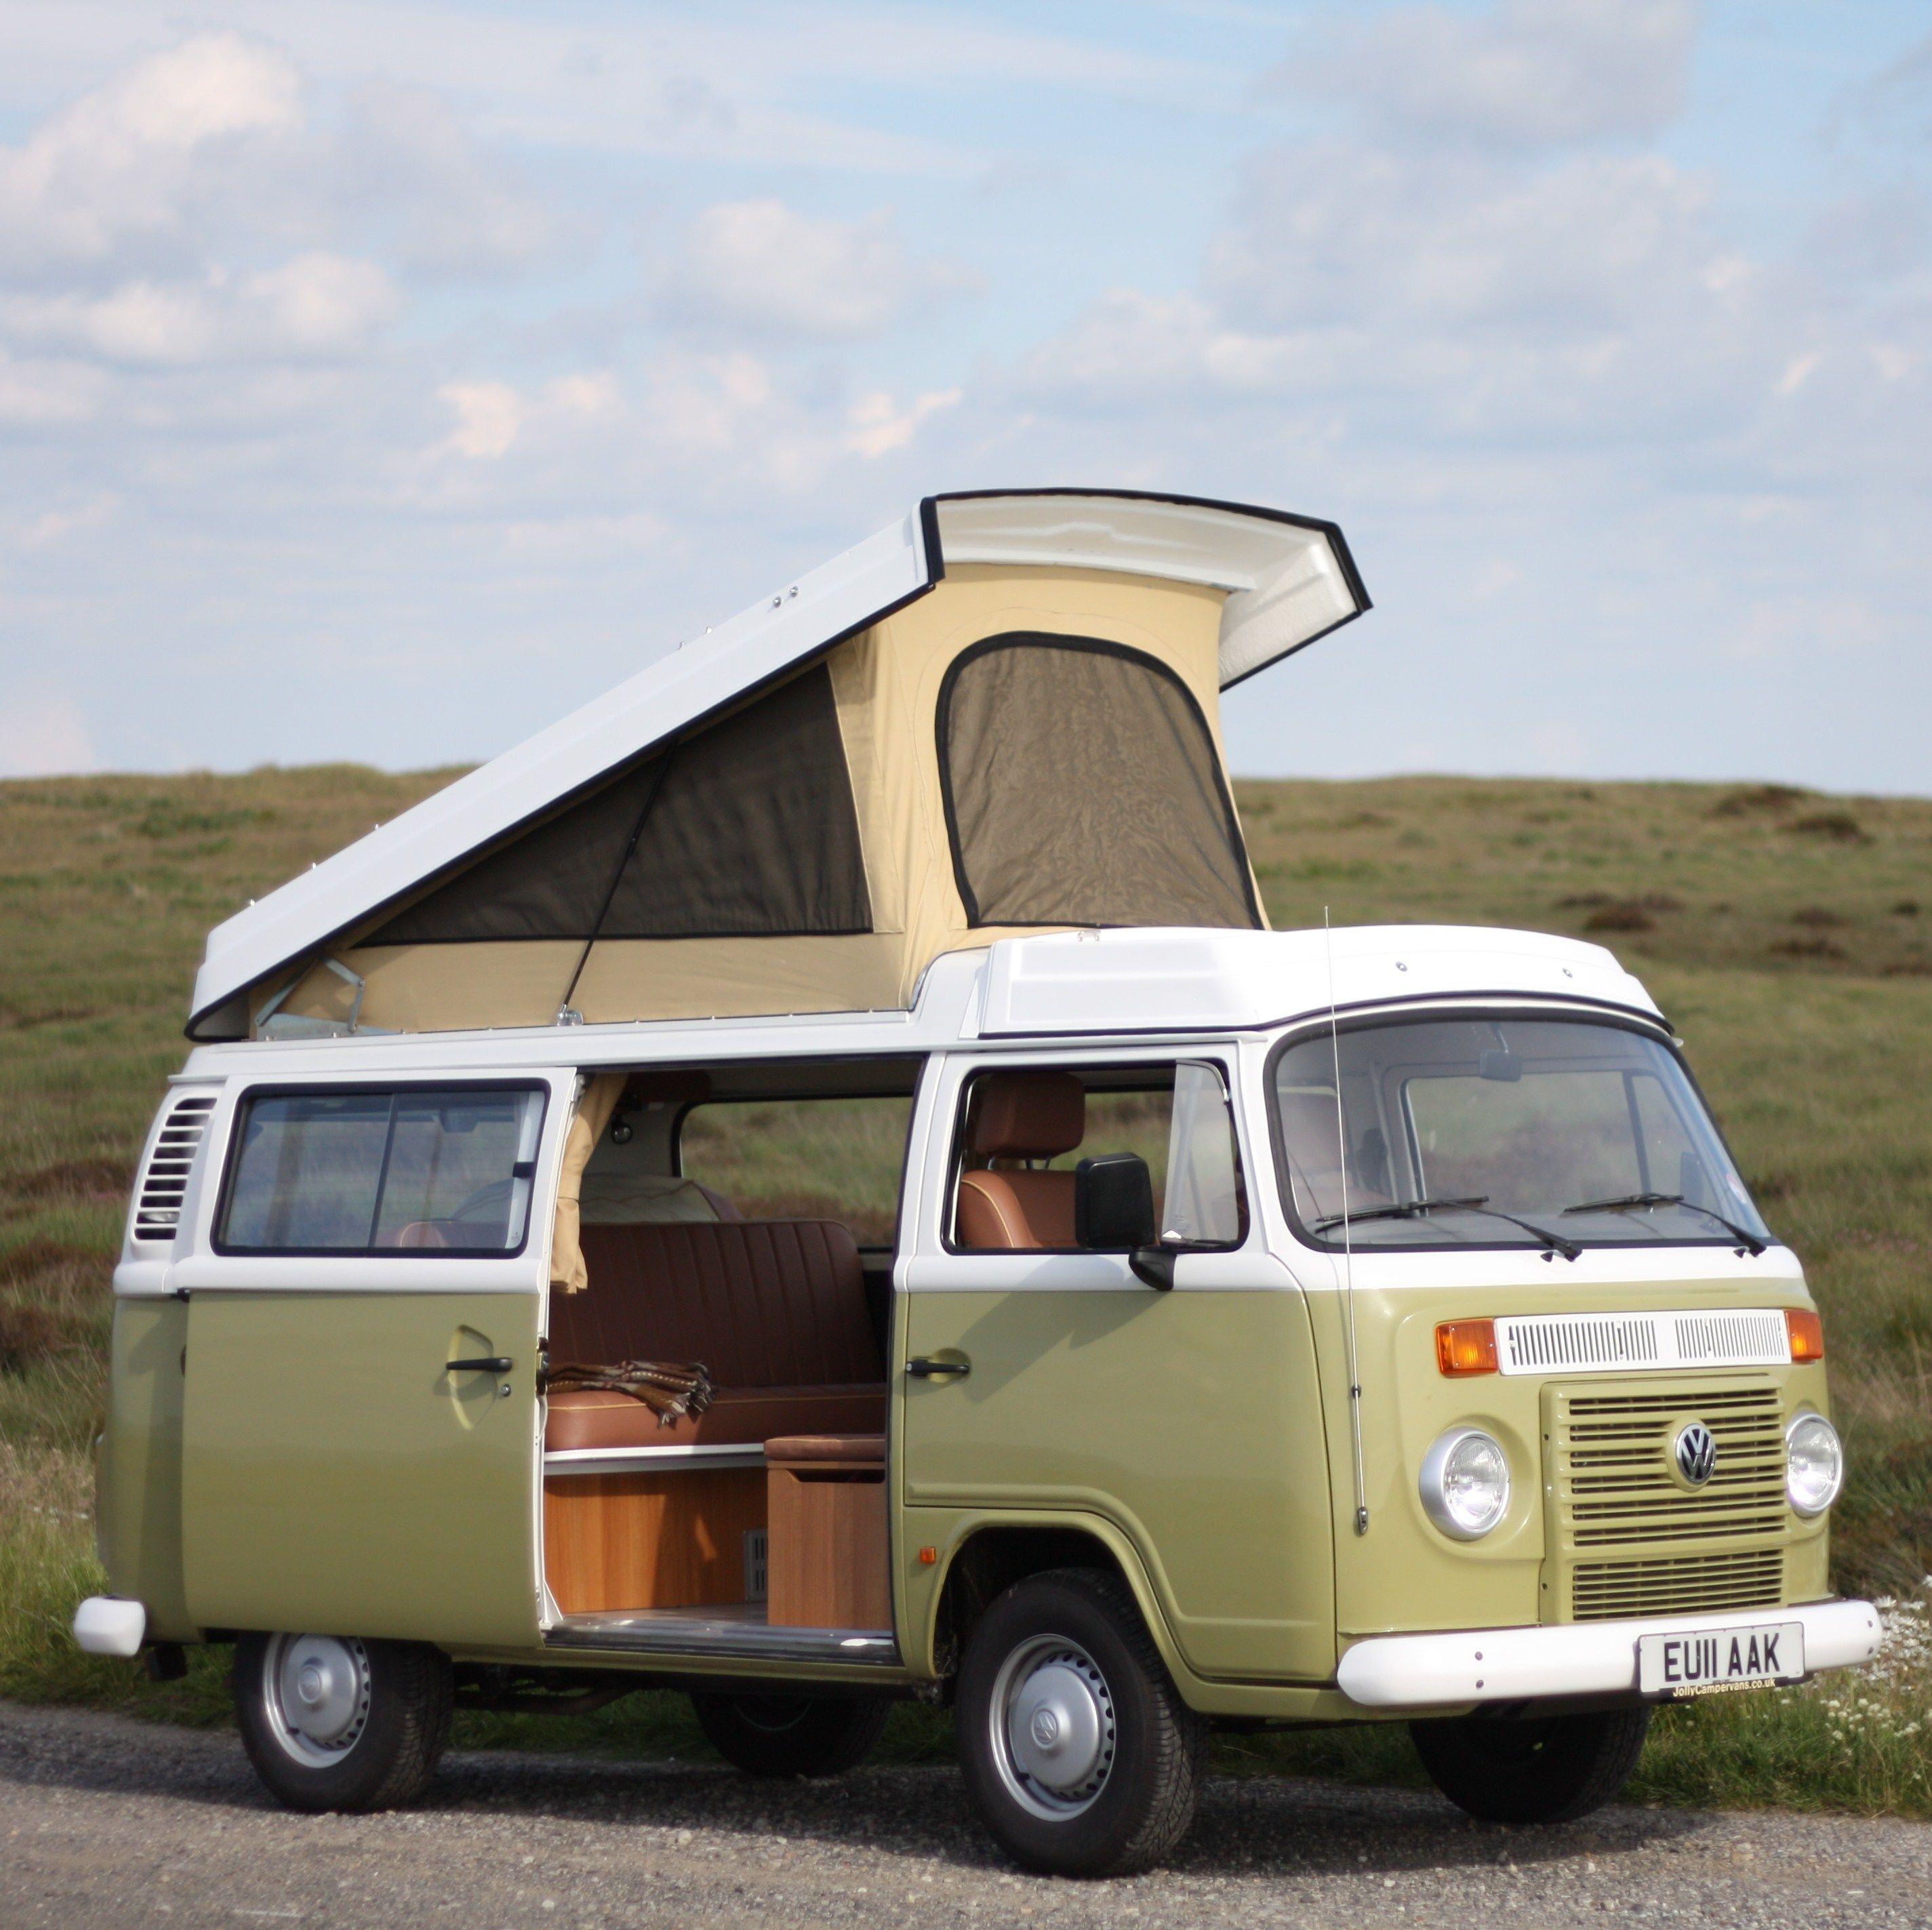 vw campers for sale volkswagen campervans to buy vw camper sales hit the road jack. Black Bedroom Furniture Sets. Home Design Ideas